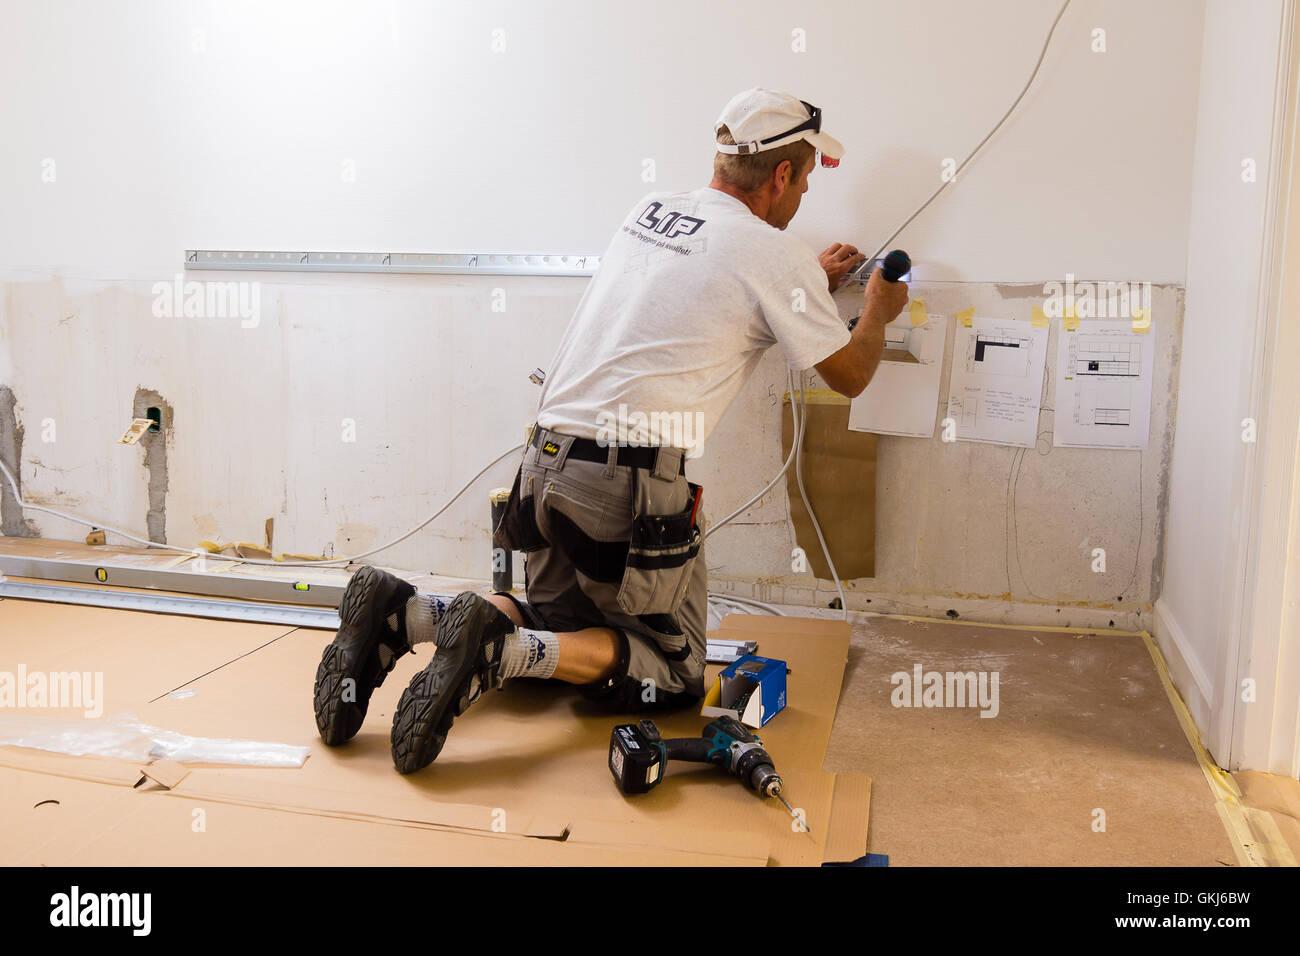 Tischler Montage Einer Ikea Kuche Mit Schraubendreher Und Hat Plane